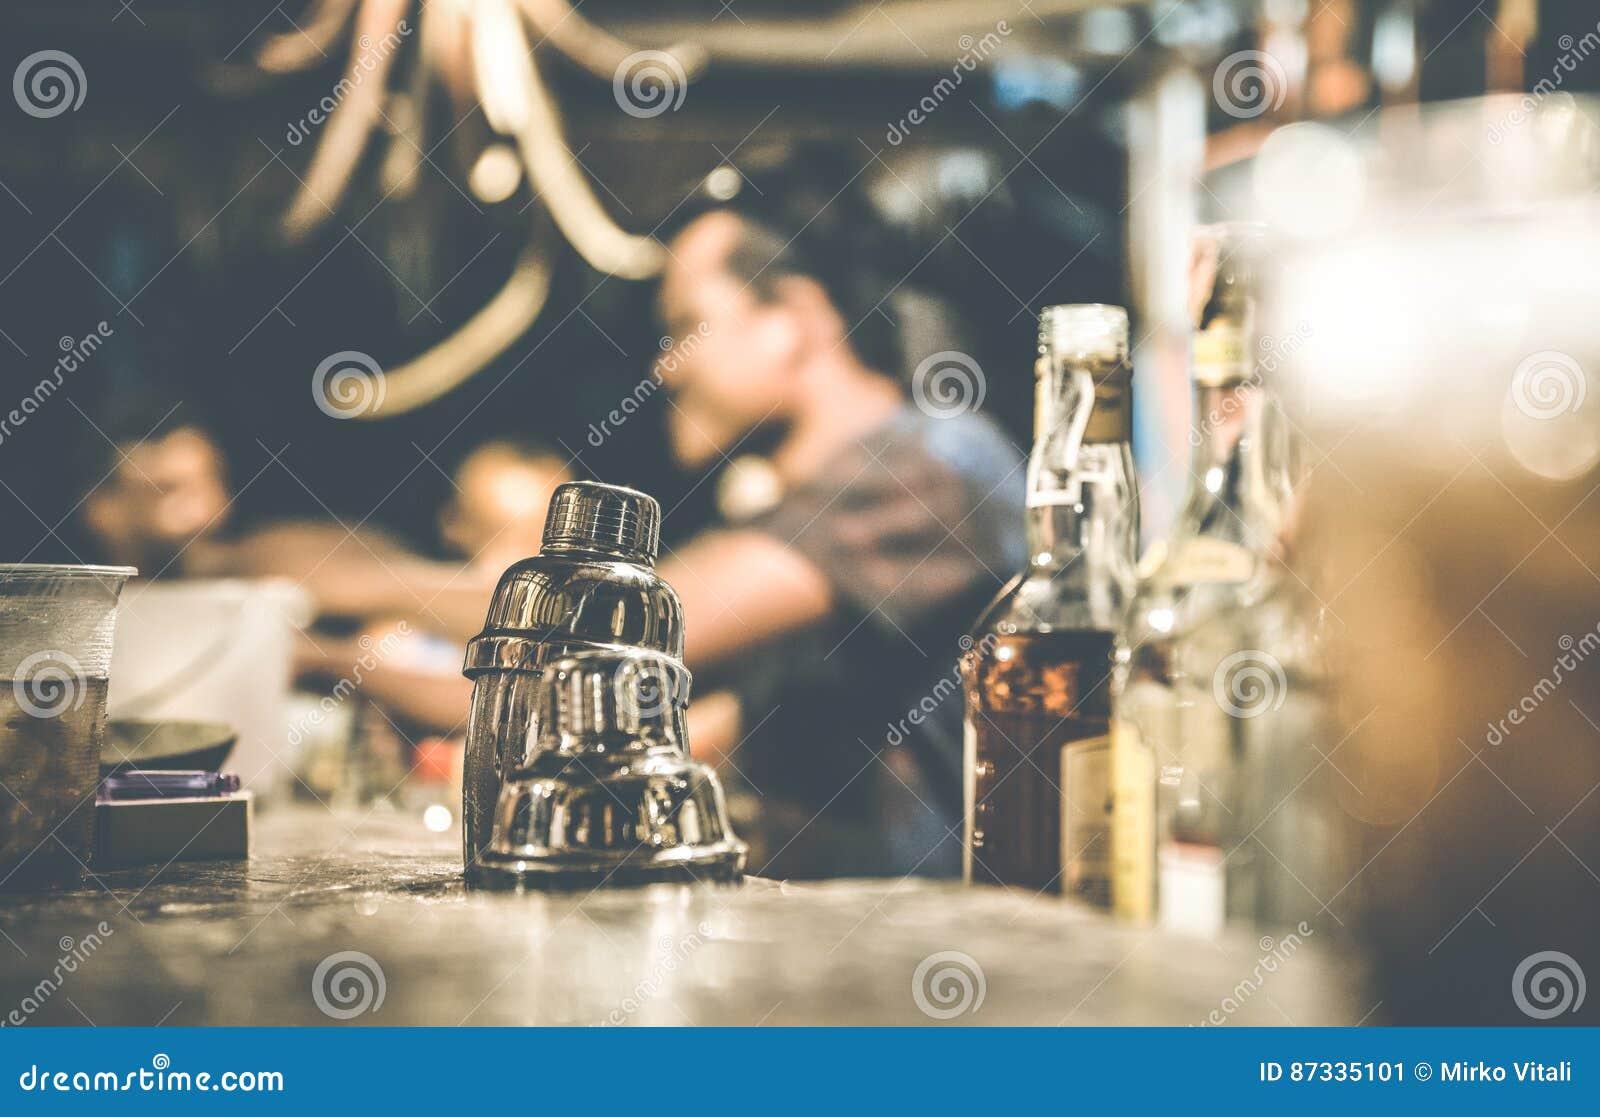 Vista lateral defocused borrosa del camarero en la barra del cóctel